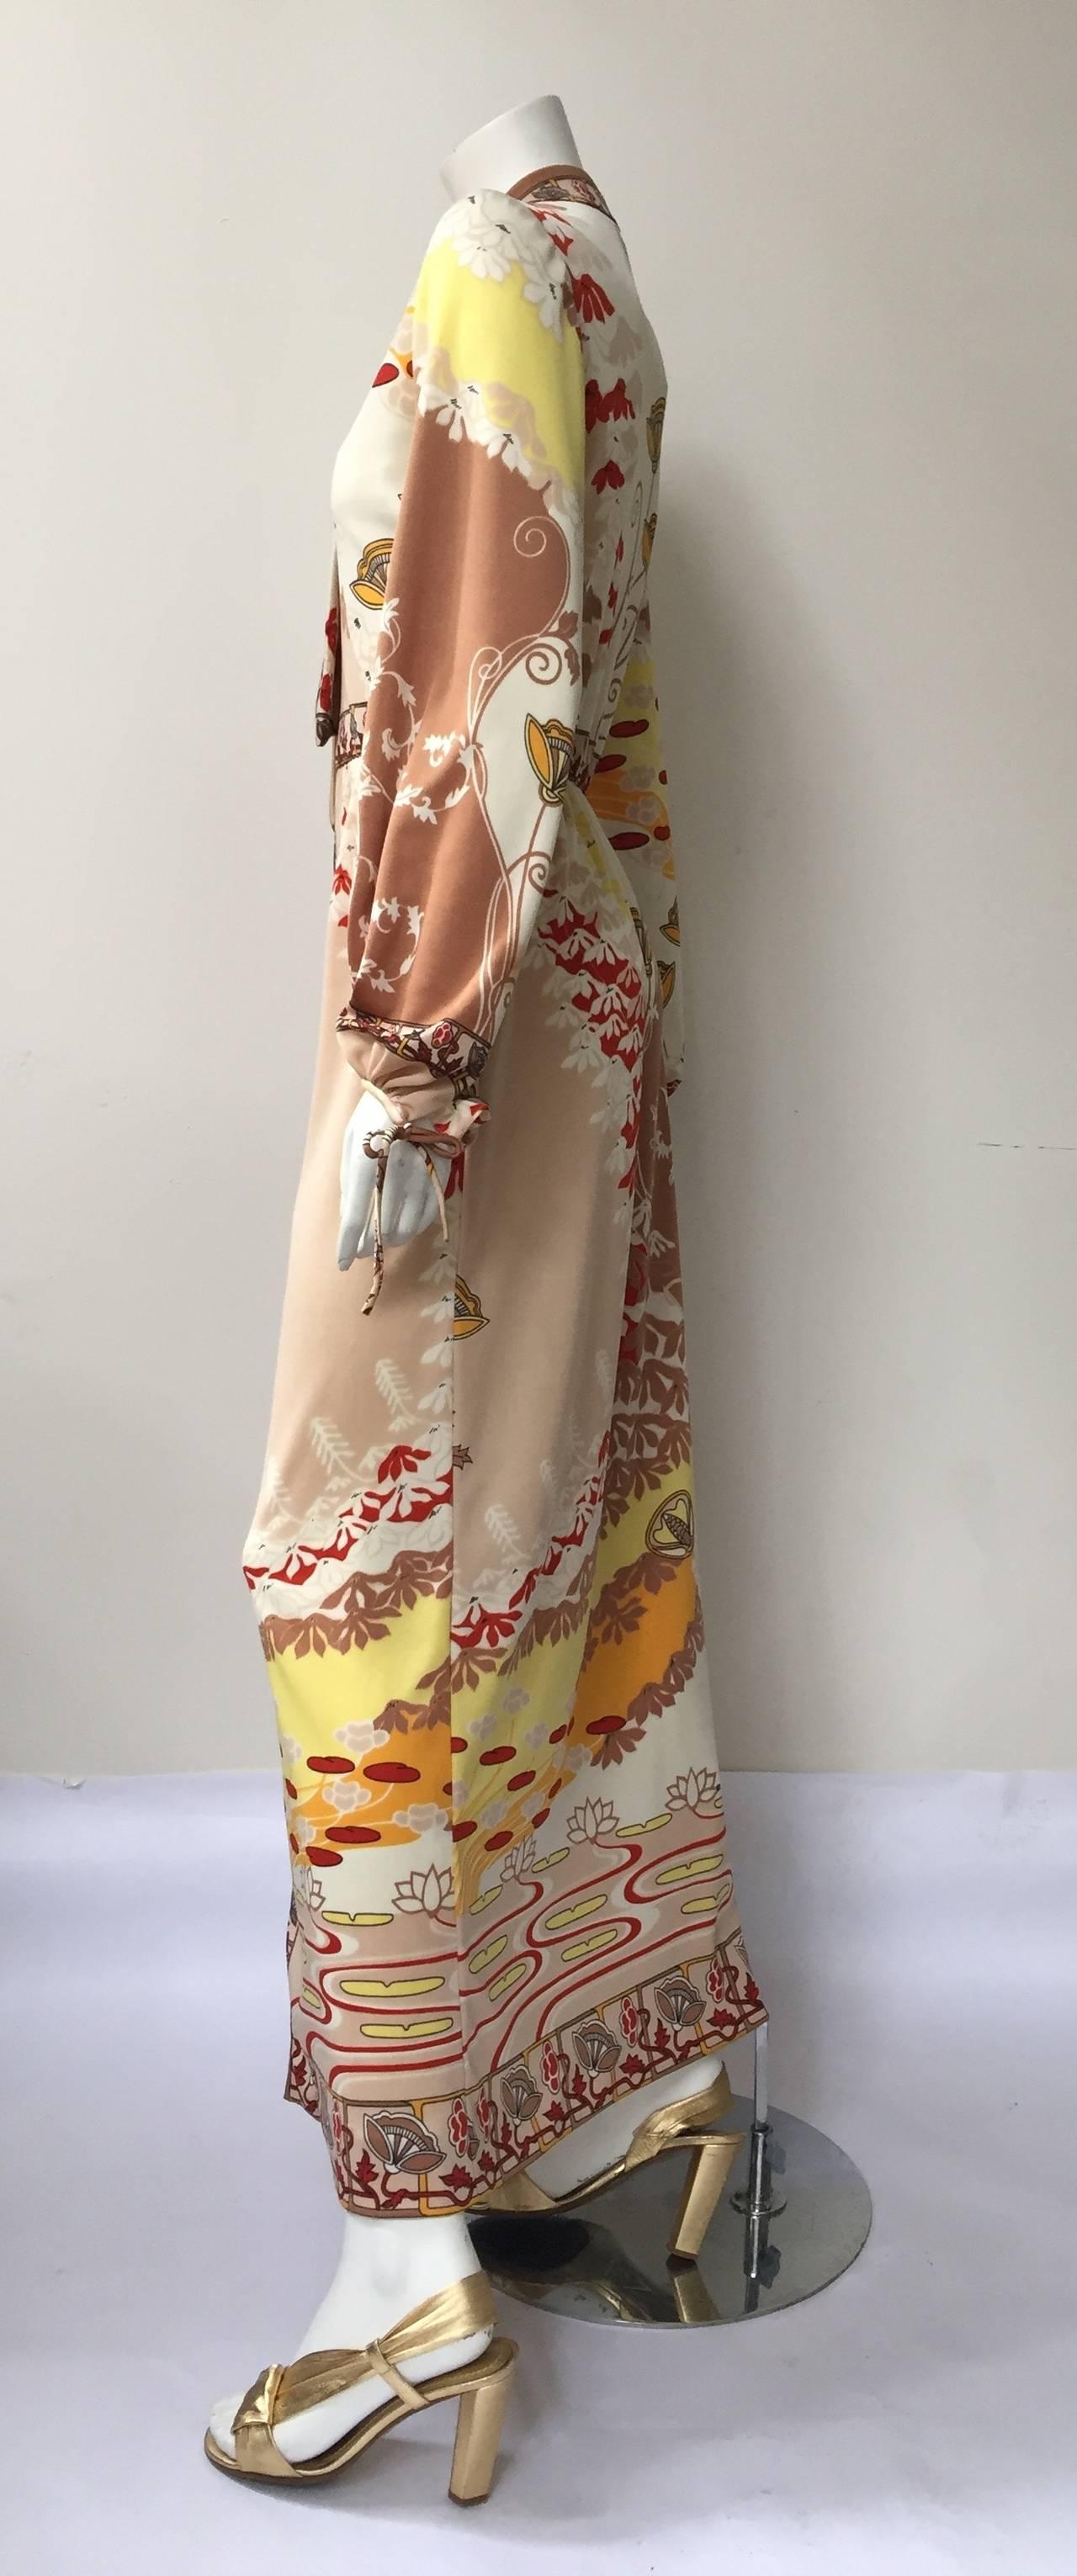 Paganne by Gene Berk 70s Asian landscape maxi dress size 4/6. 2